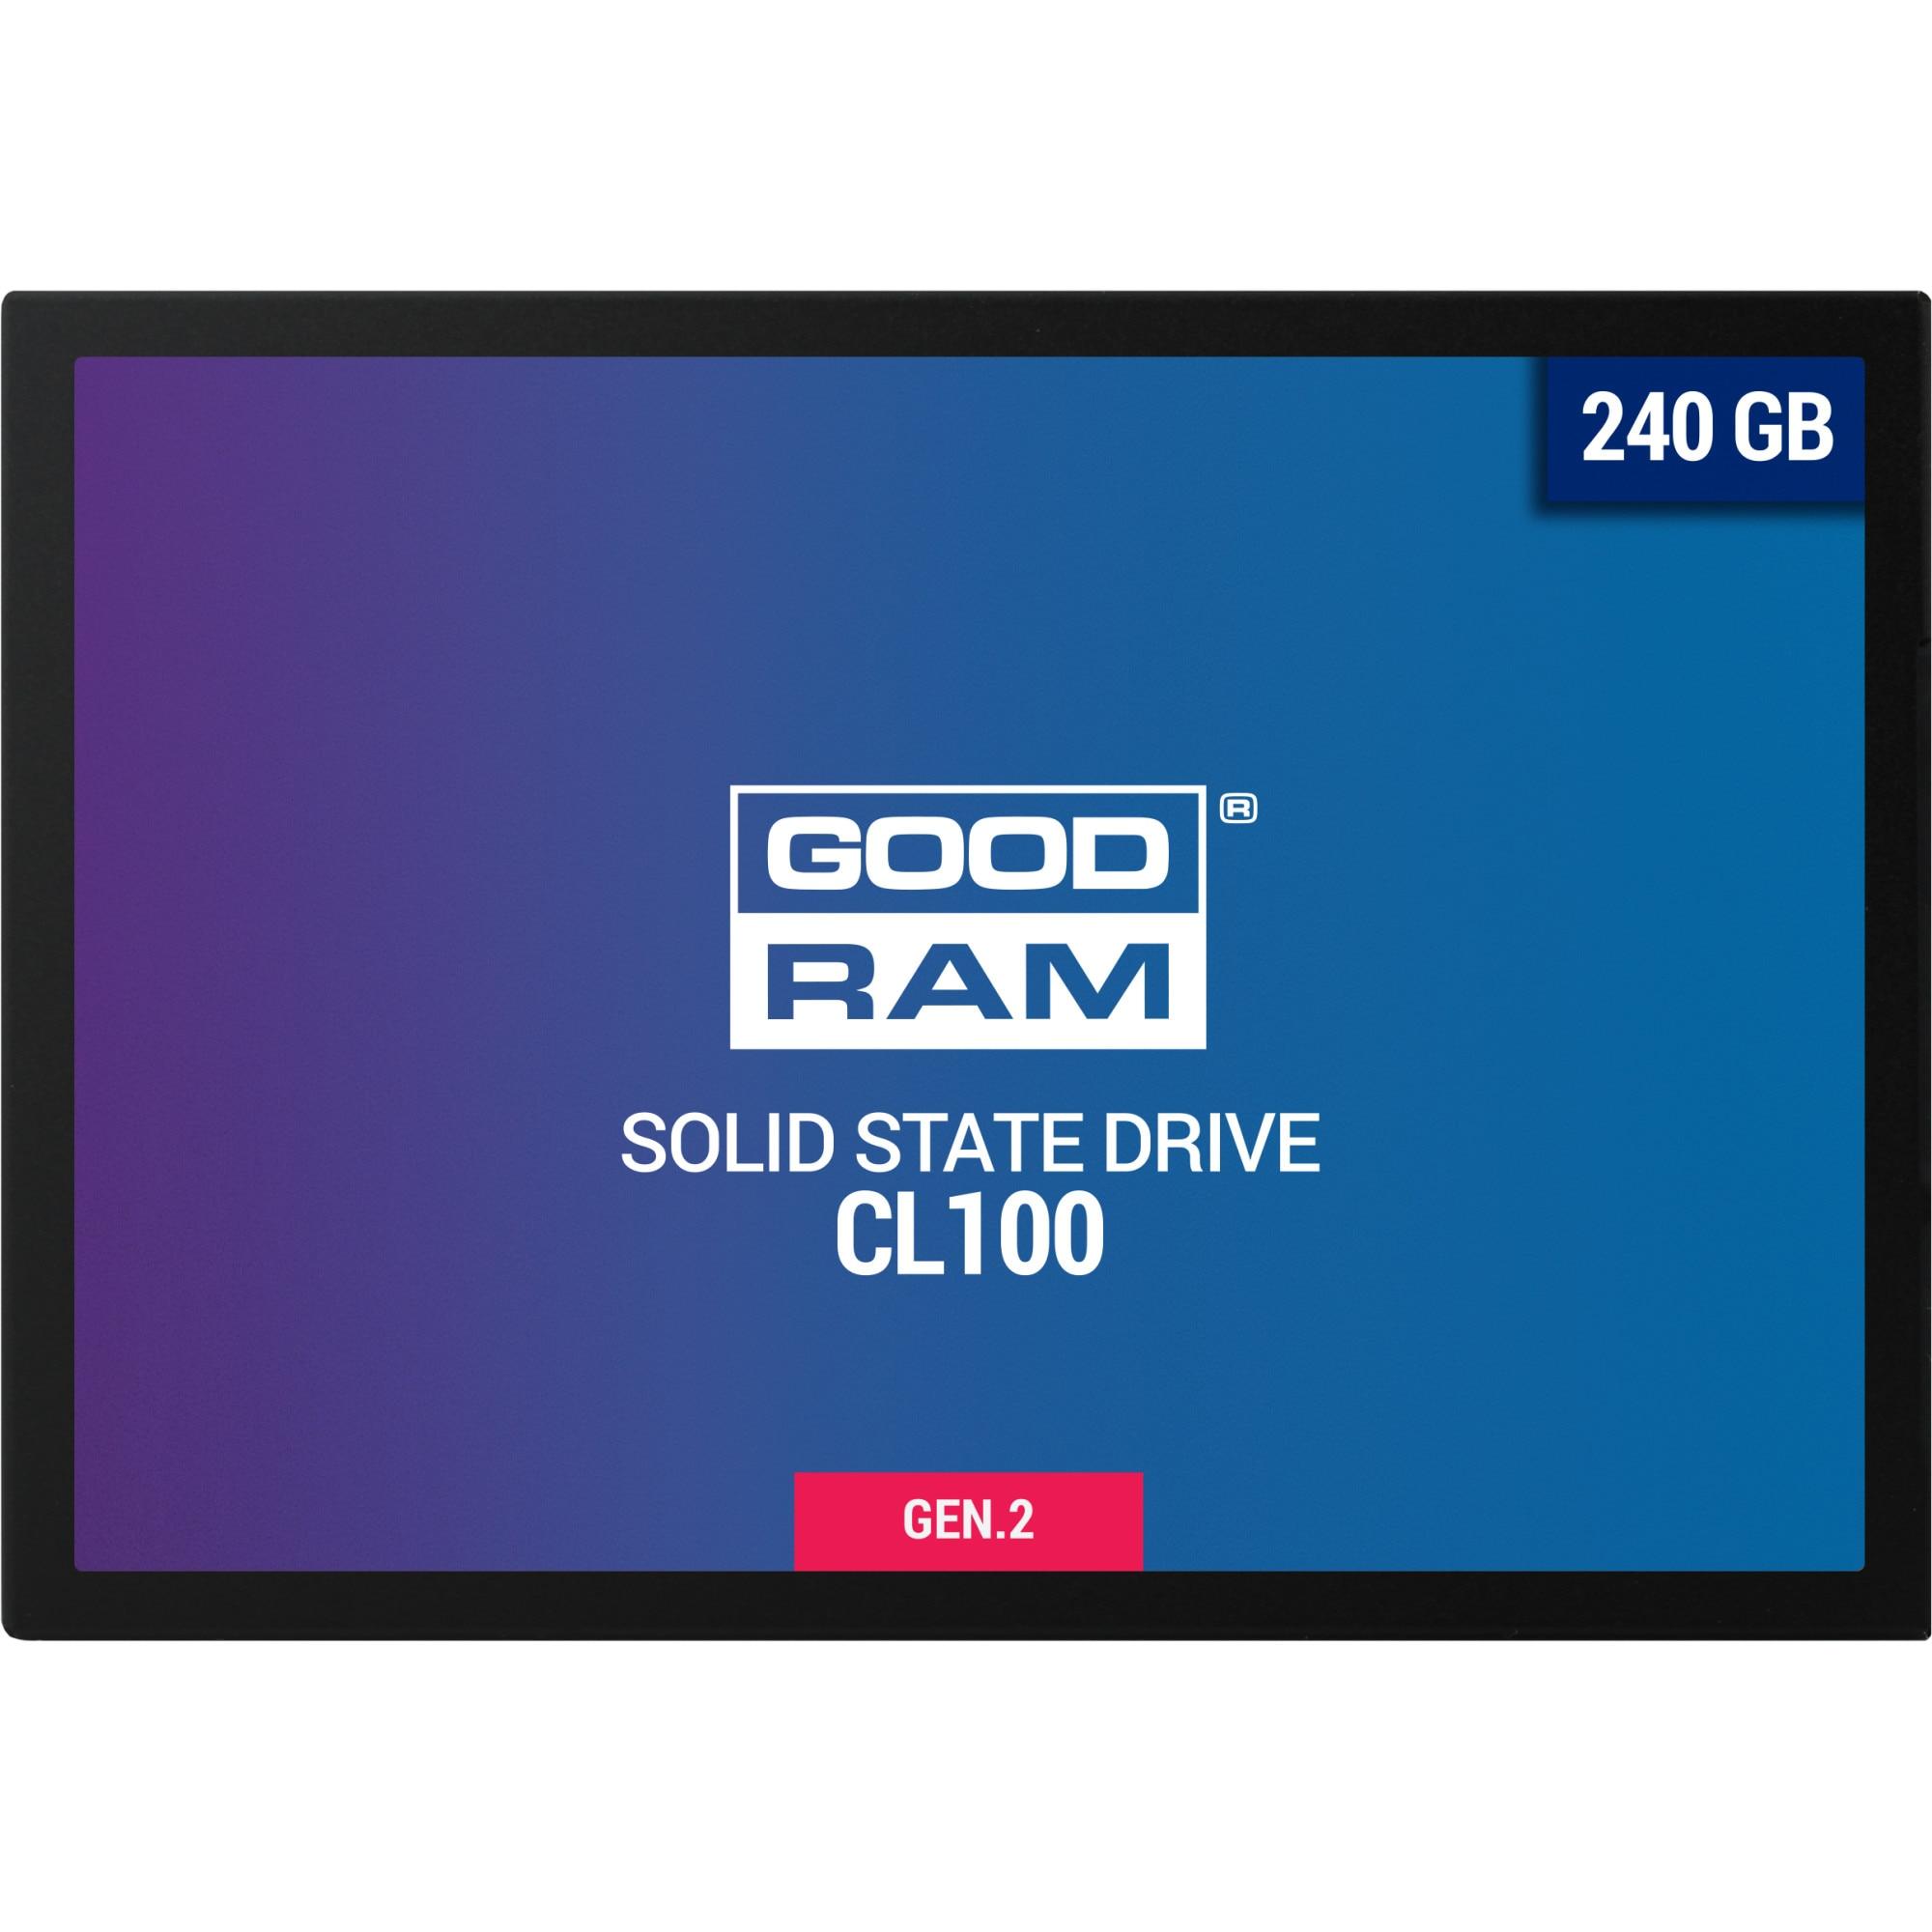 """Fotografie Solid-state drive (SSD) Goodram CL100, 240GB, 2.5"""", SATA III"""